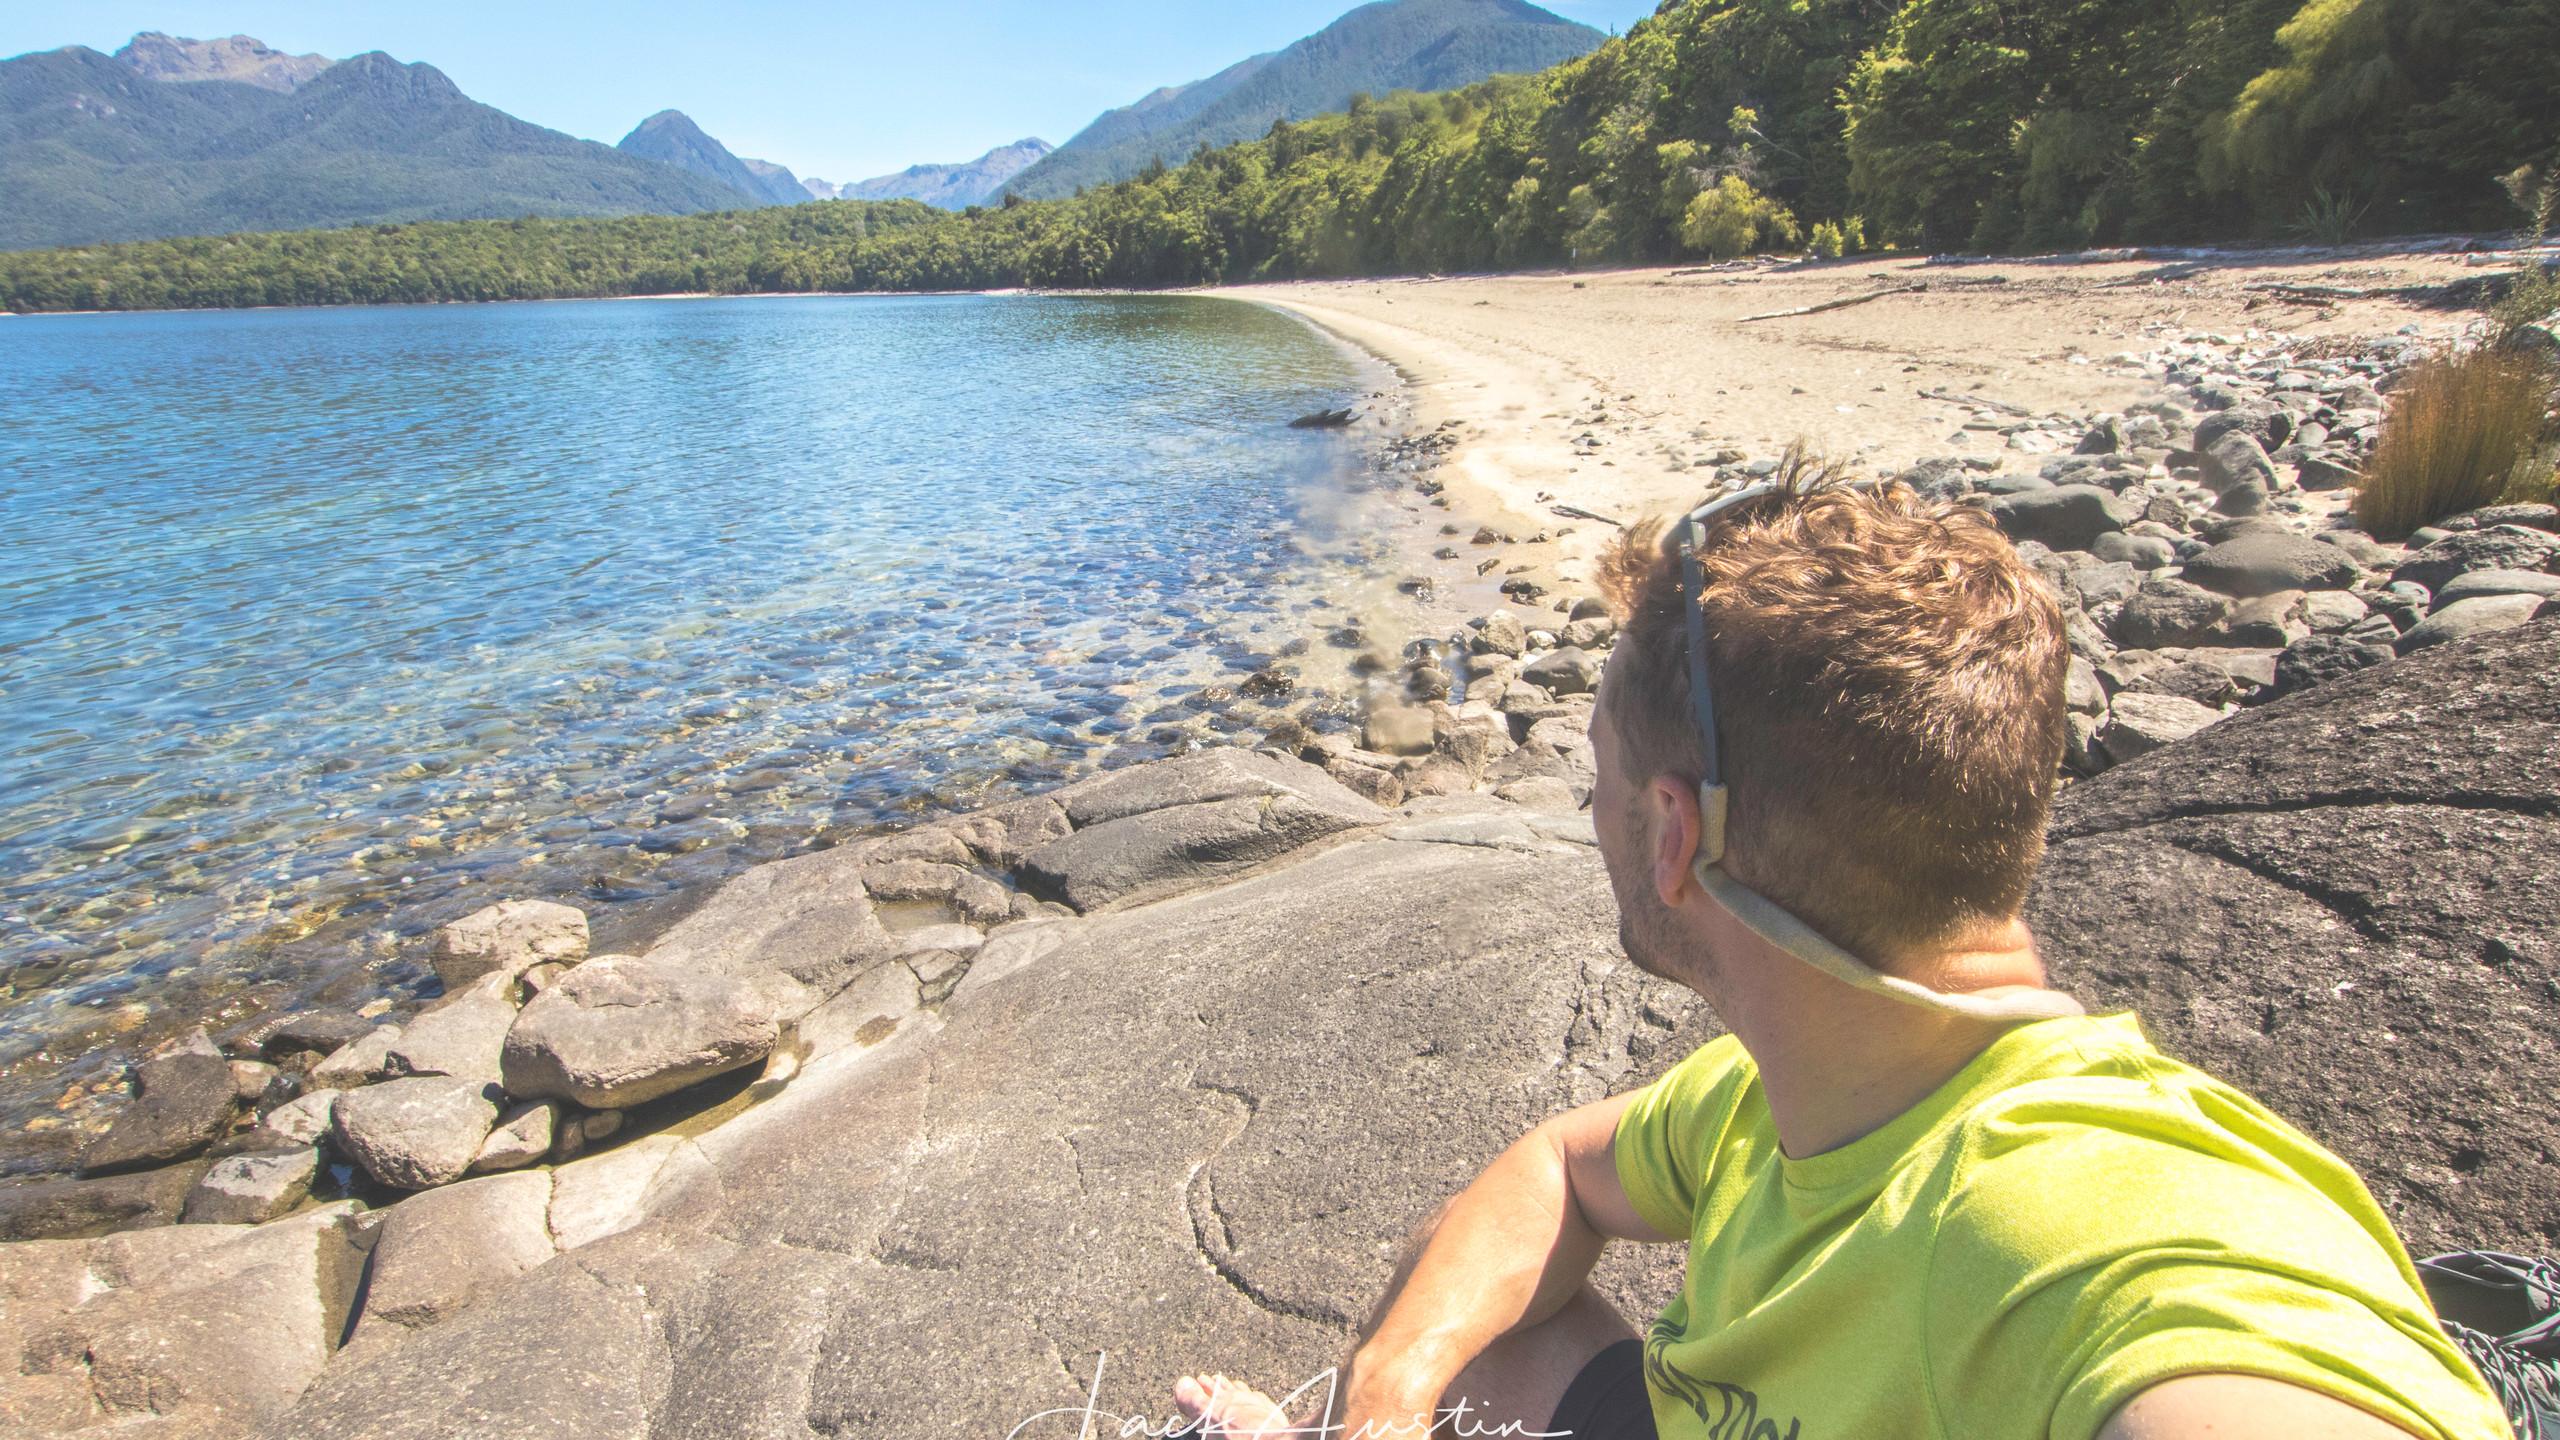 Enjoying the view of Lake Manapouri